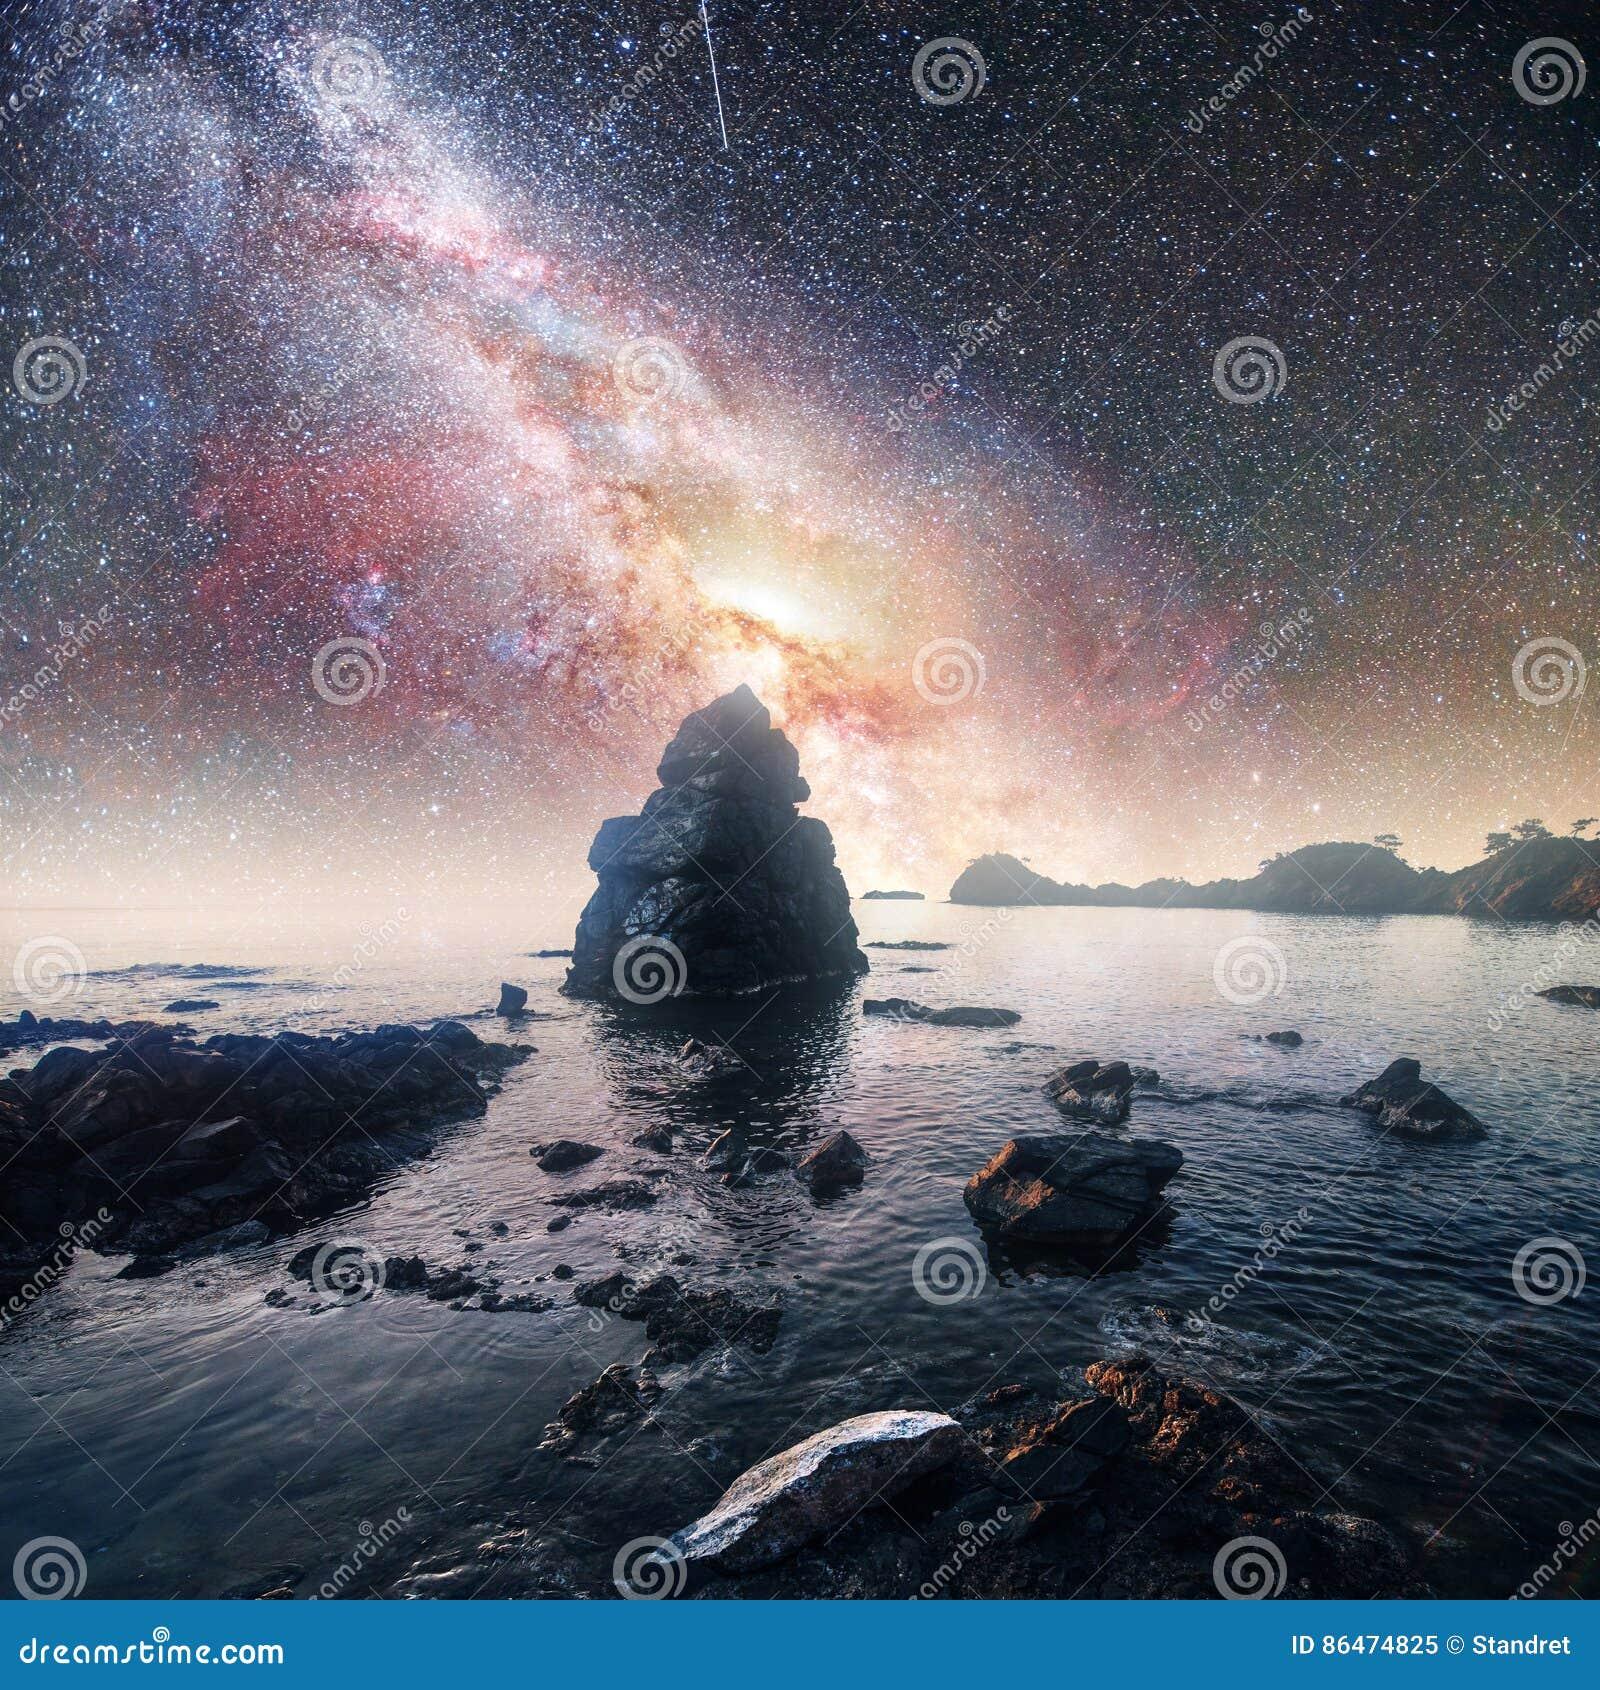 Blue Dream Cielo Stellato Costo.Cielo Stellato Fantastico E Montagne Maestose Mattina Drammatica